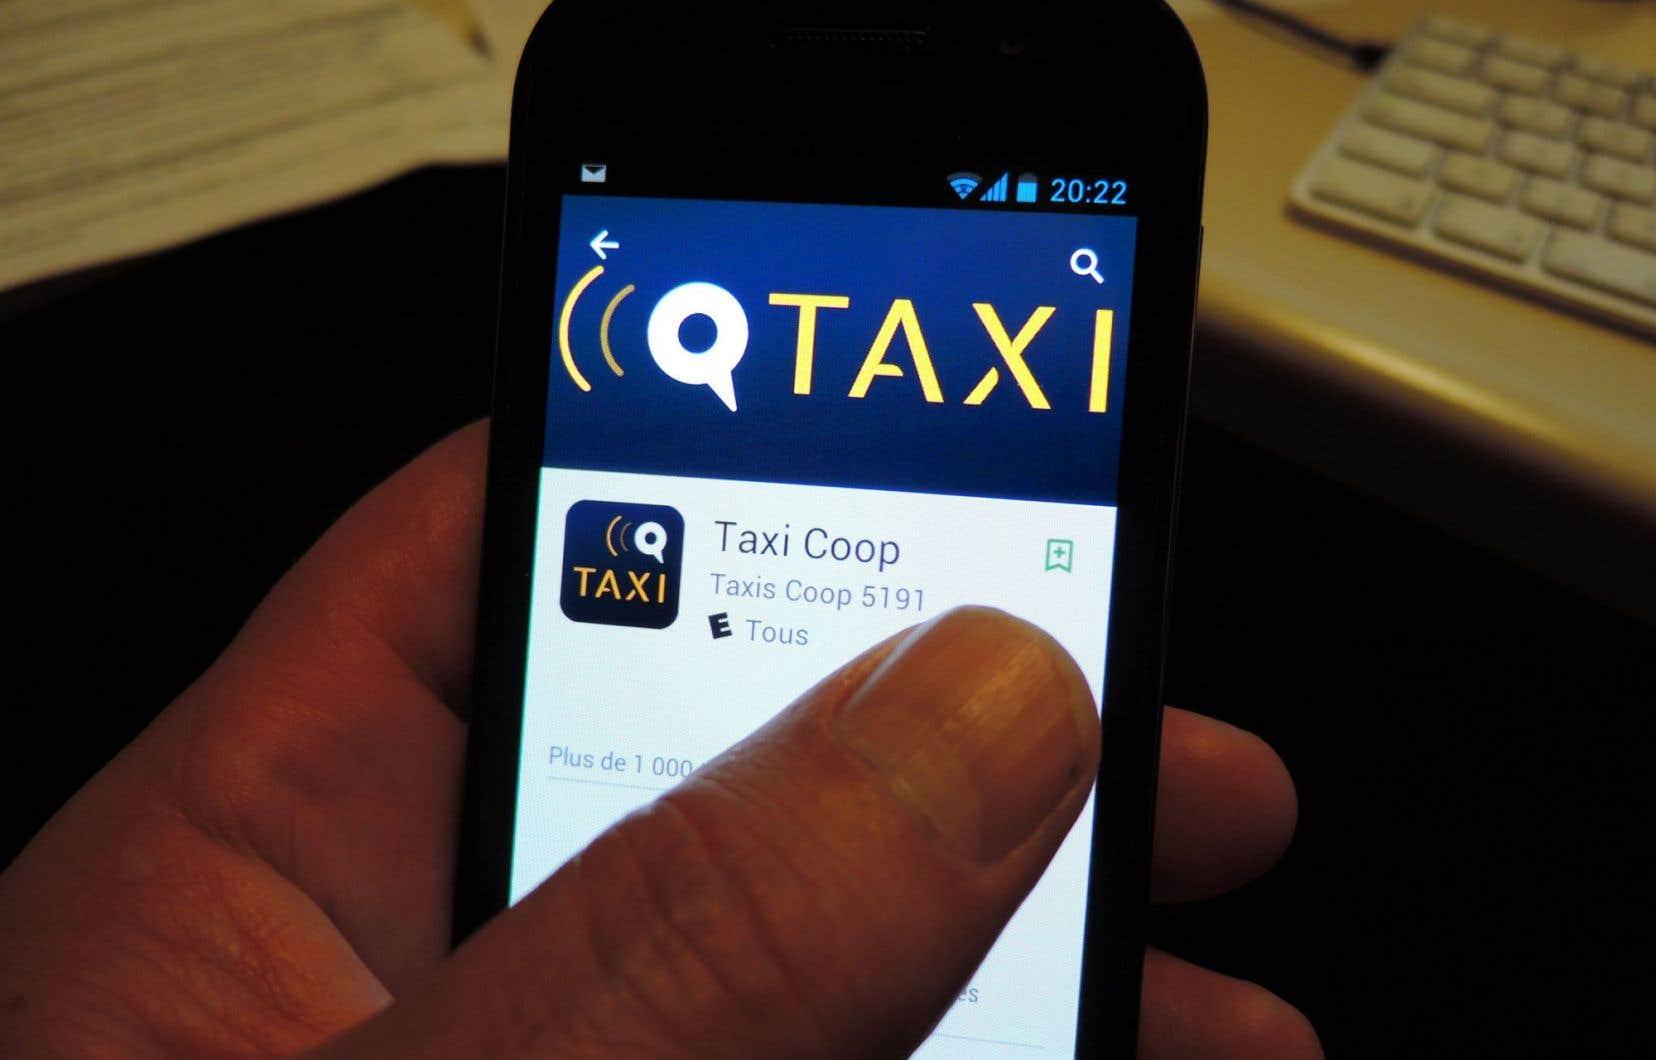 L'application Taxi Coop